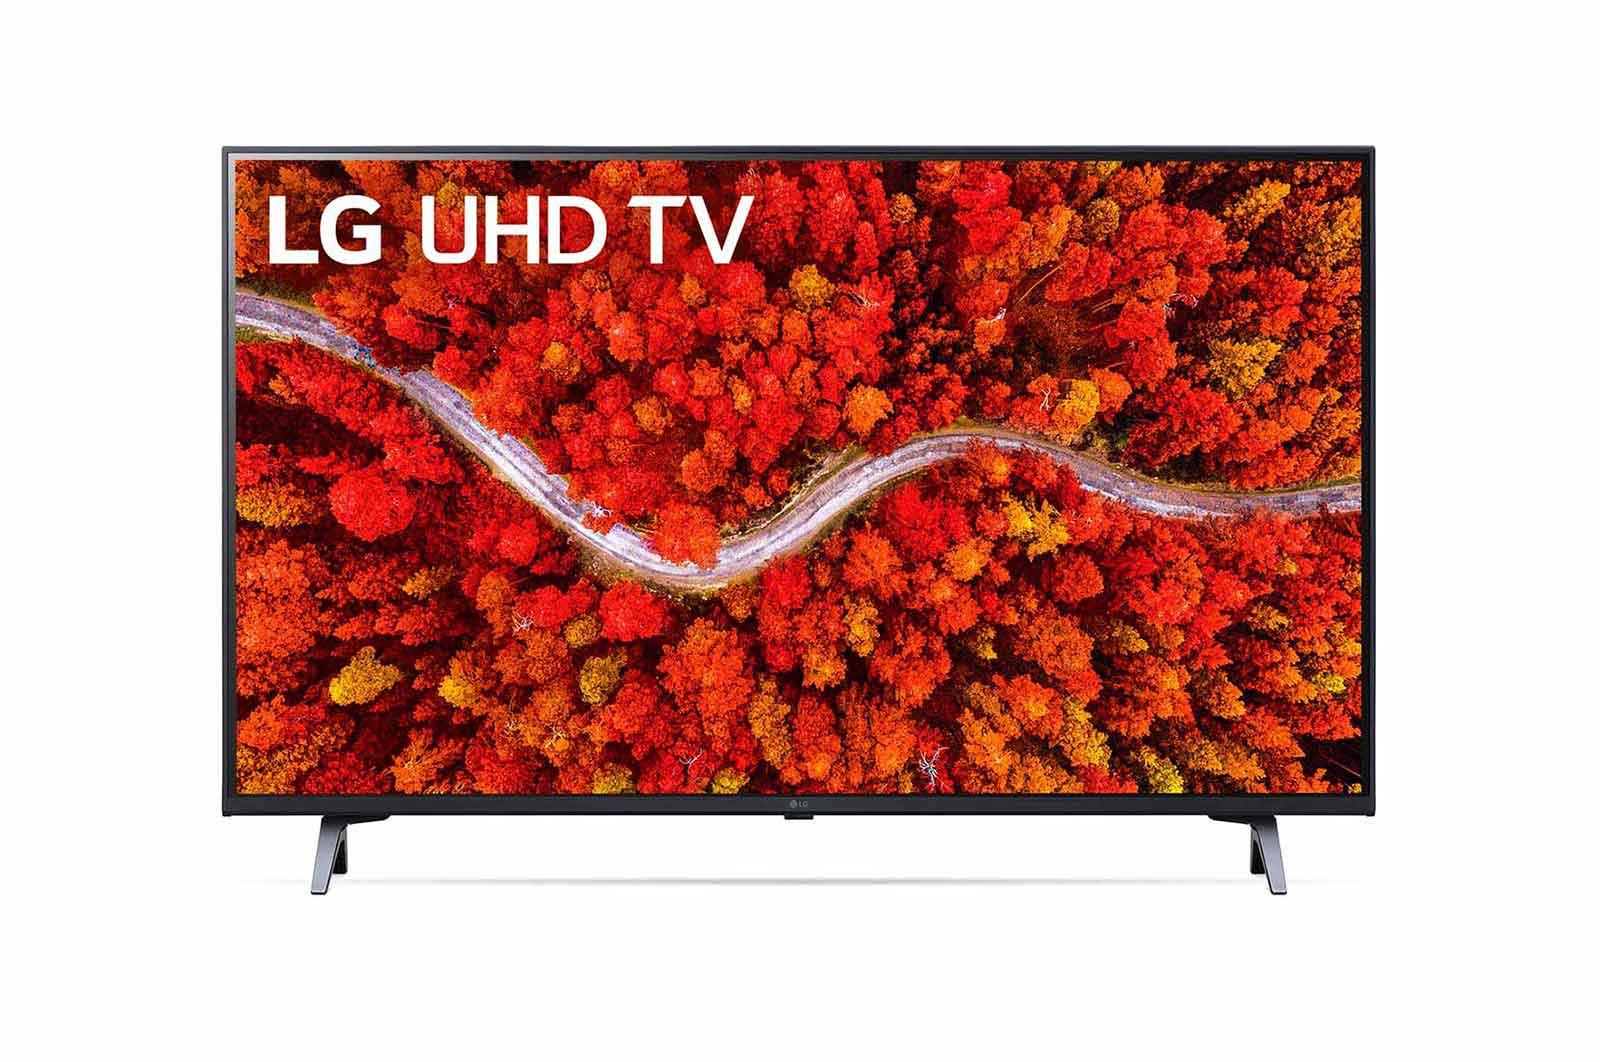 LG - LED TV 60UP8000PTB